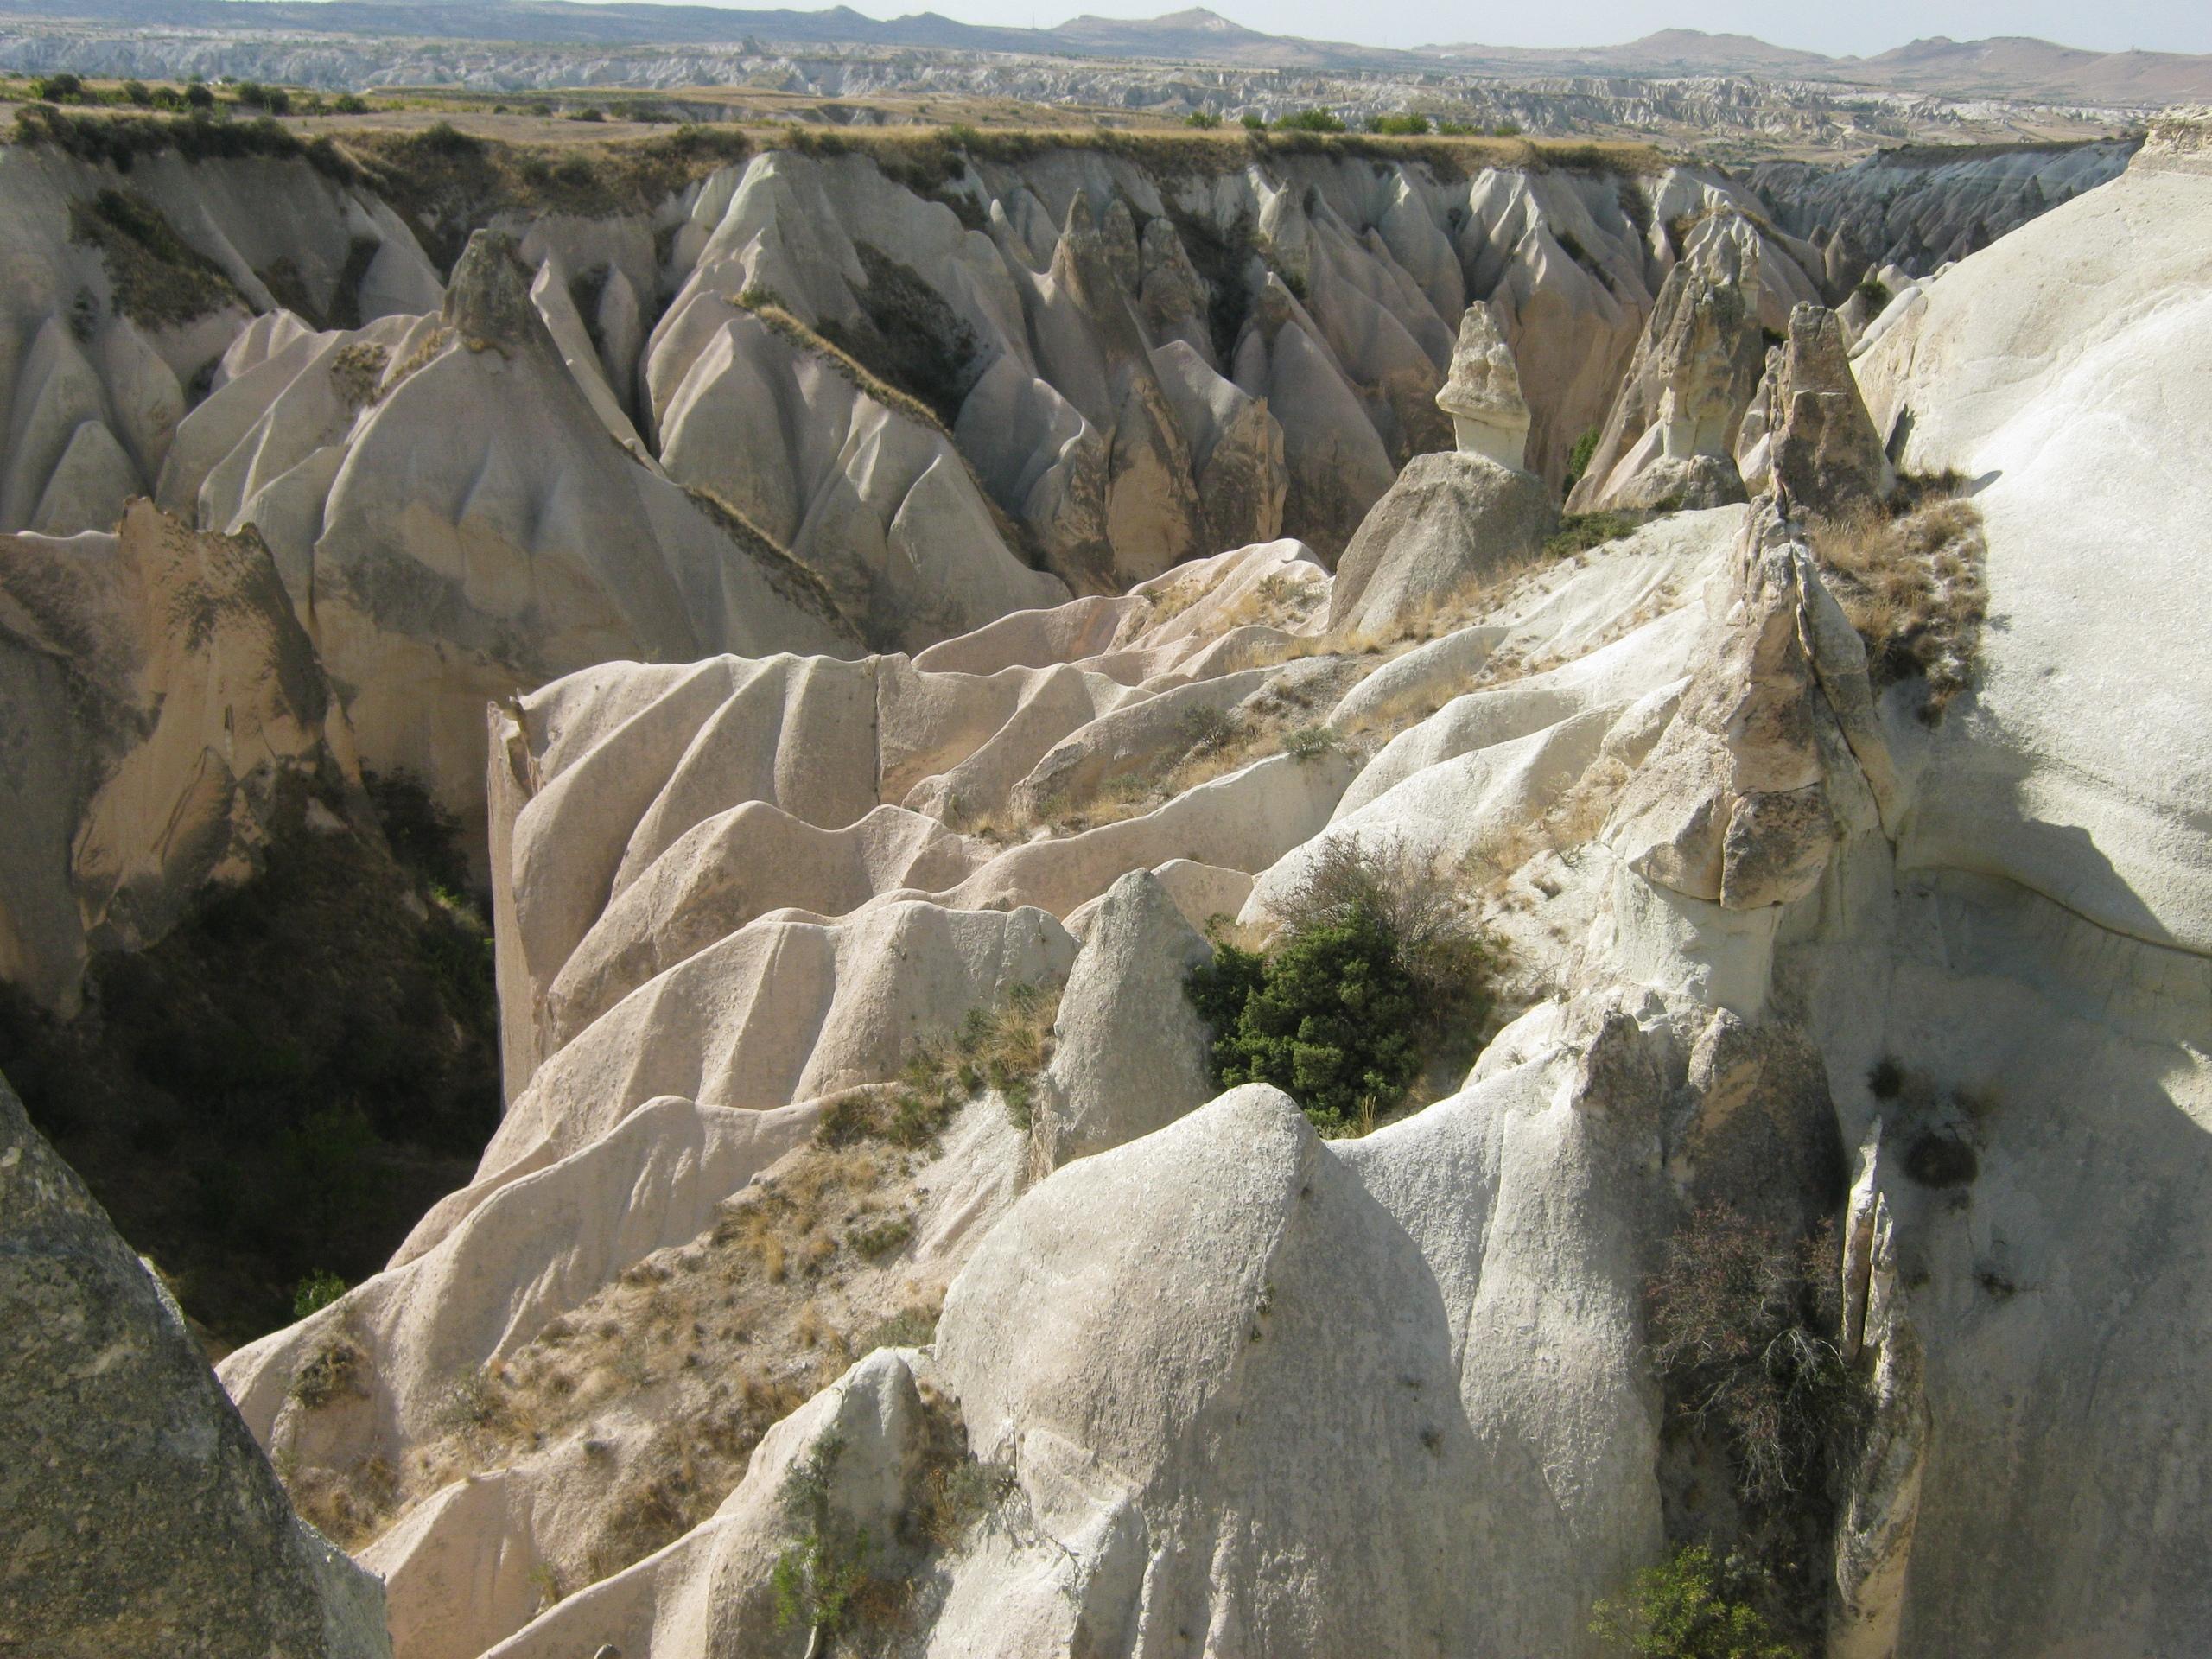 Опасность каньонов Каппадокии